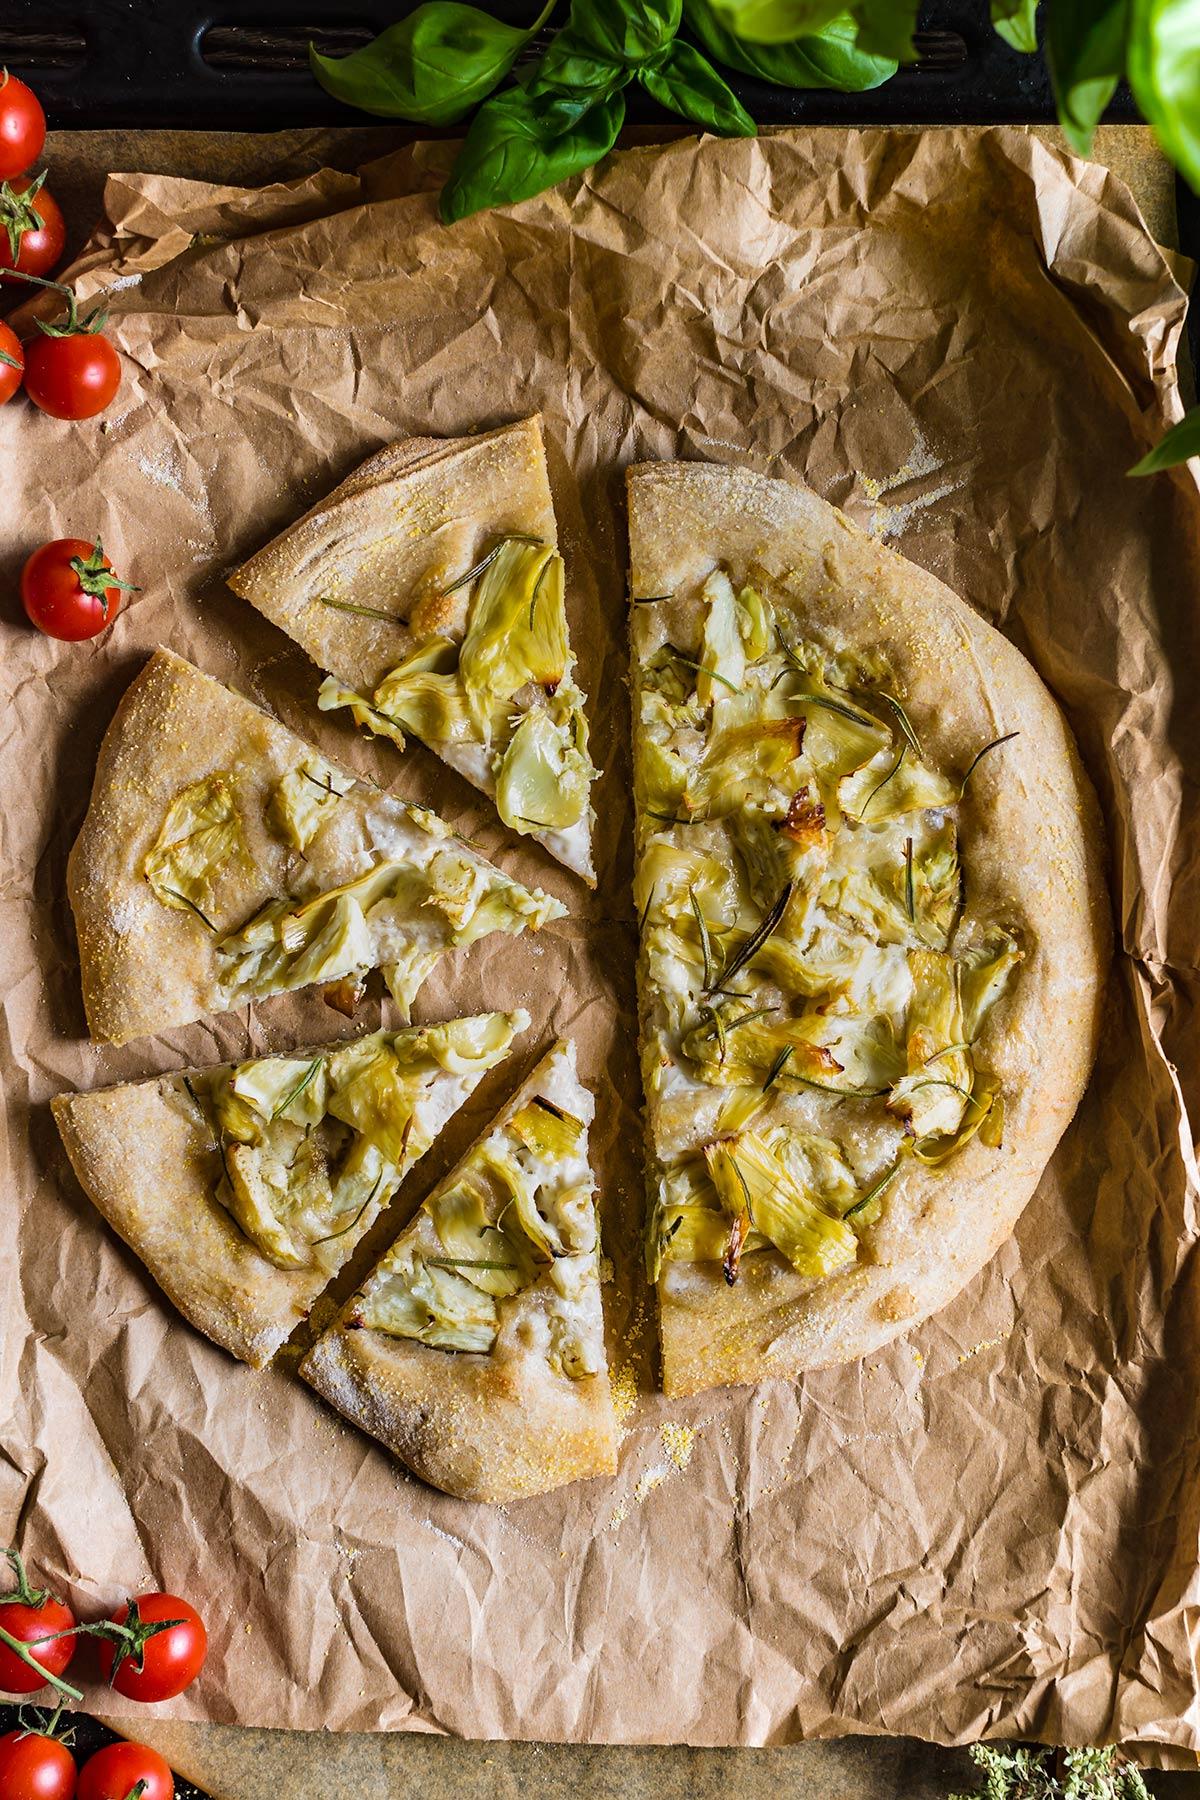 come fare la PIZZA VEGAN ai CARCIOFI PIZZA di FARRO a lunga lievitazione con SALSA MOZZARELLA VEGAN How to make VEGAN SPELT PIZZA with VEGAN MOZZARELLA SAUCE artichoke pizza